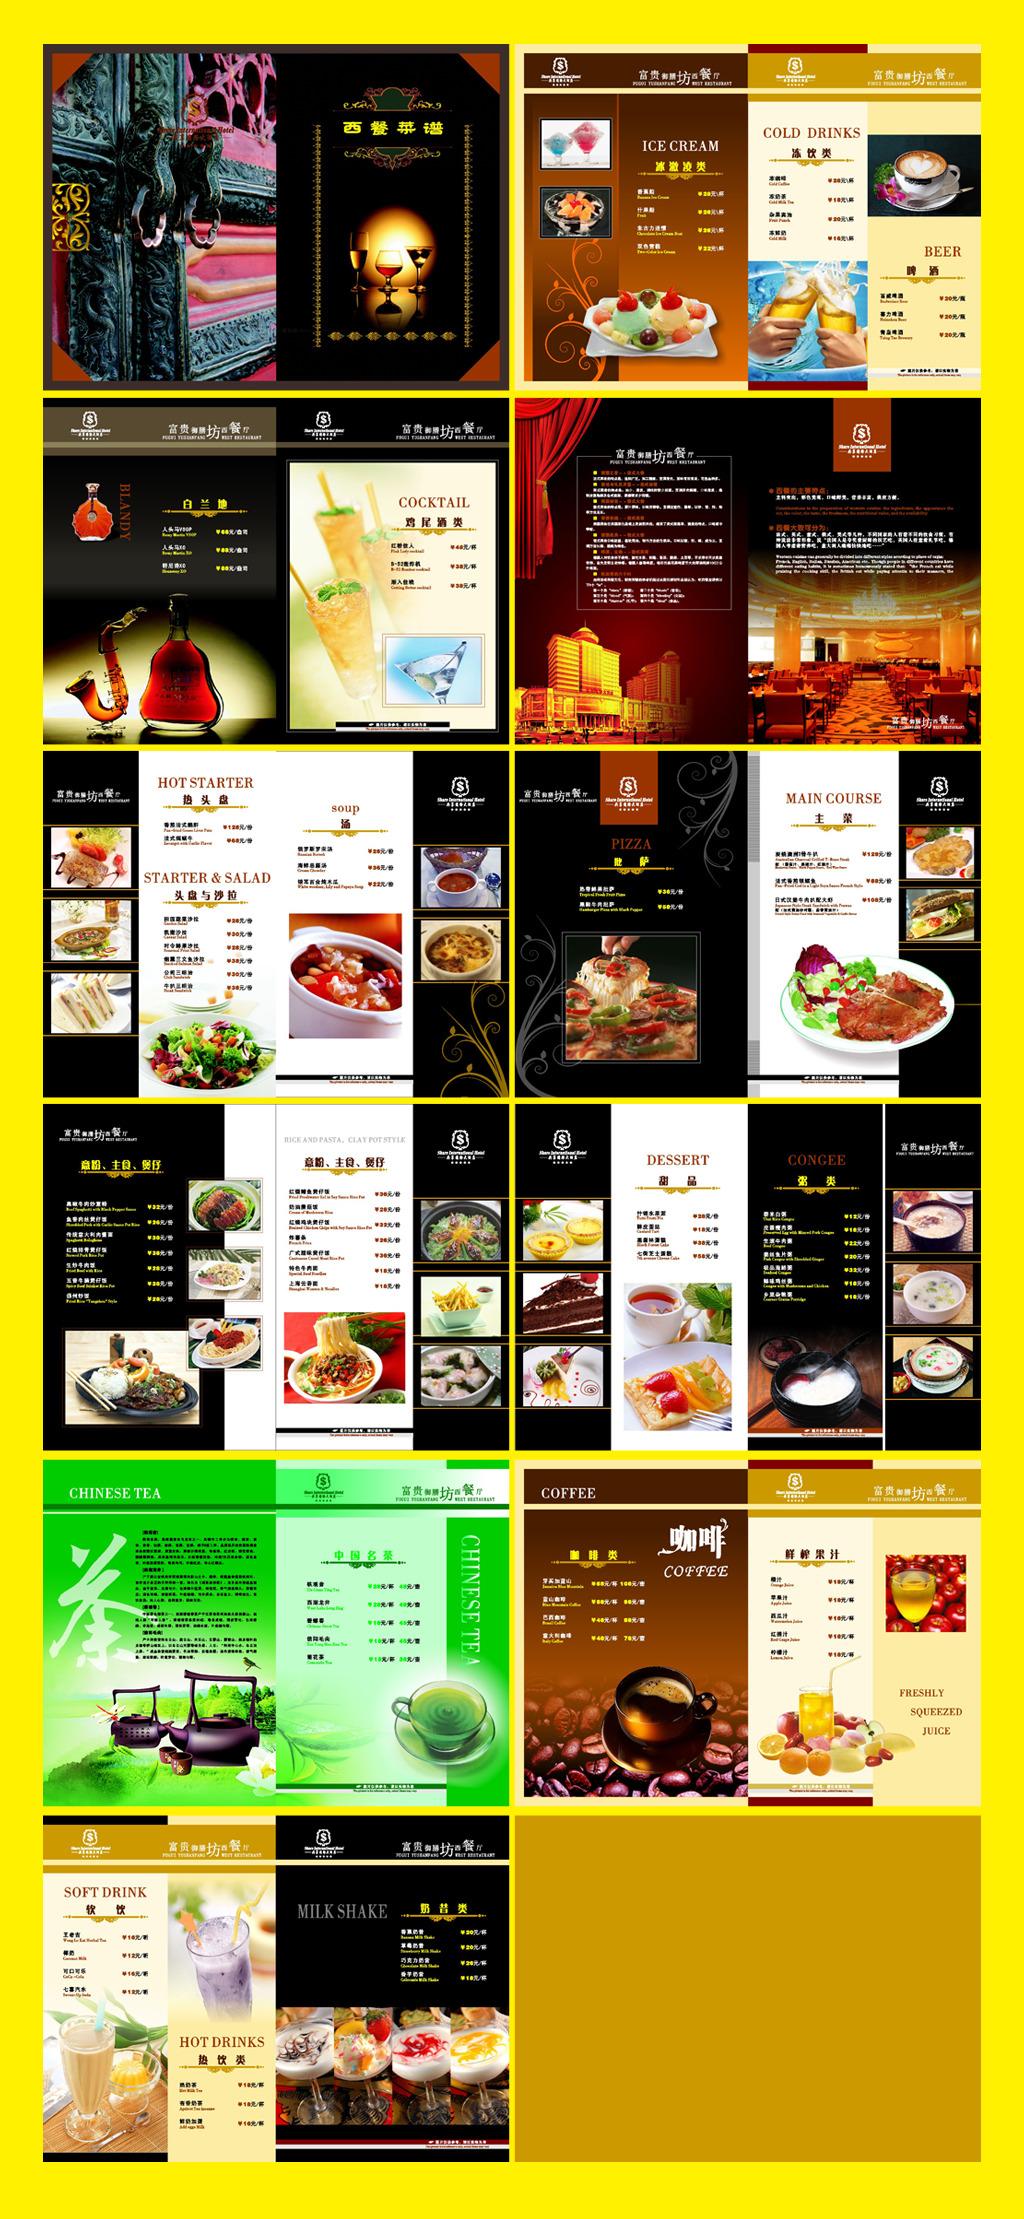 西餐菜谱图片设计模板下载